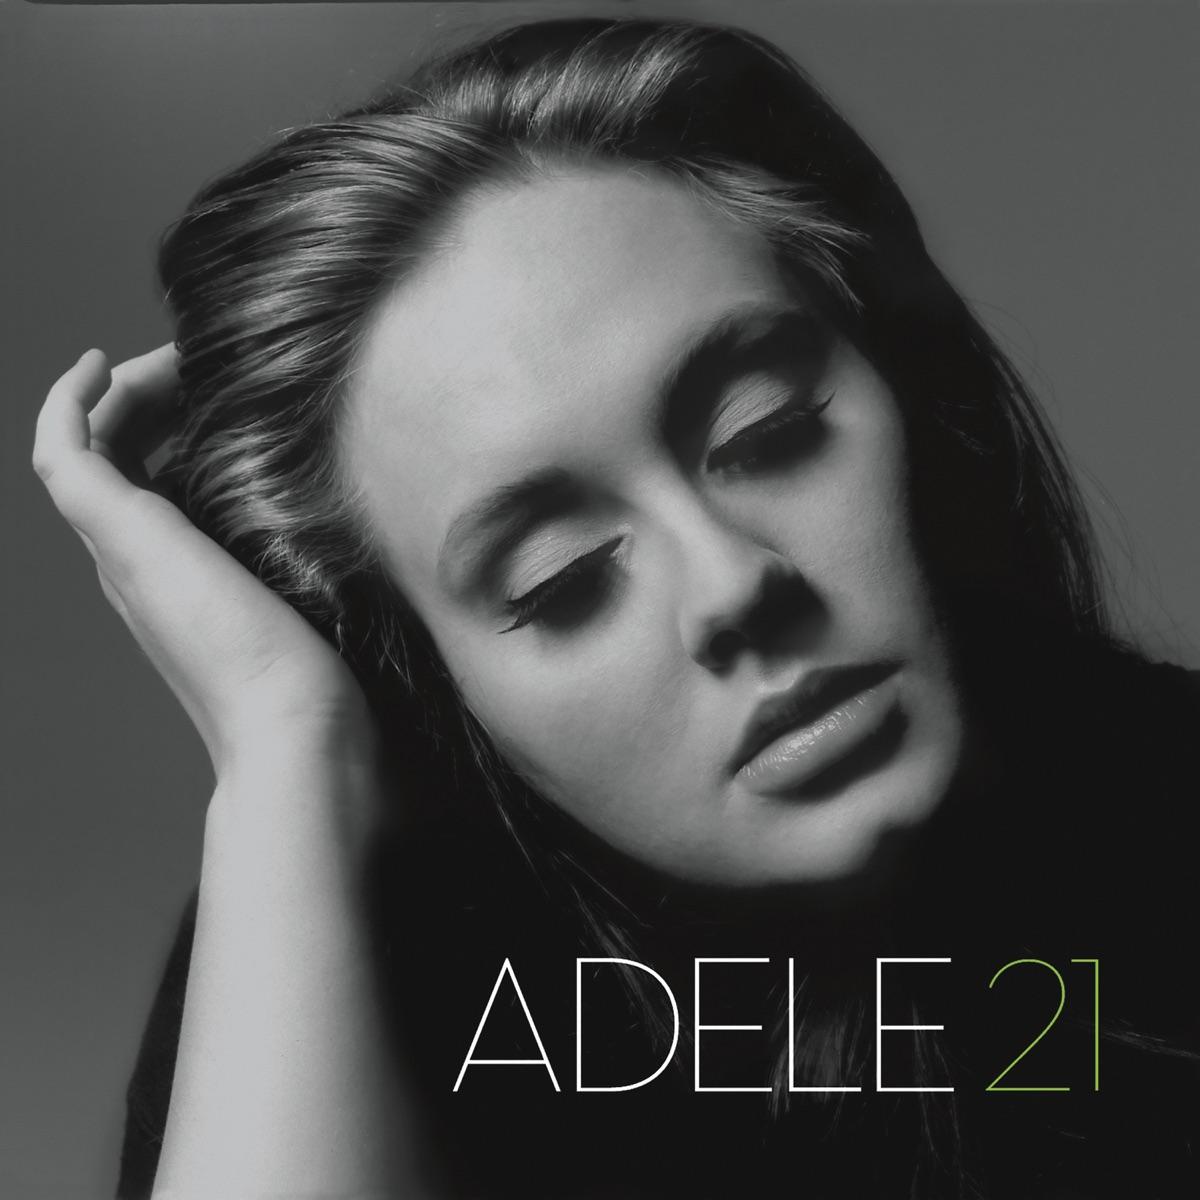 Resultado de imagem para adele 21 album cover